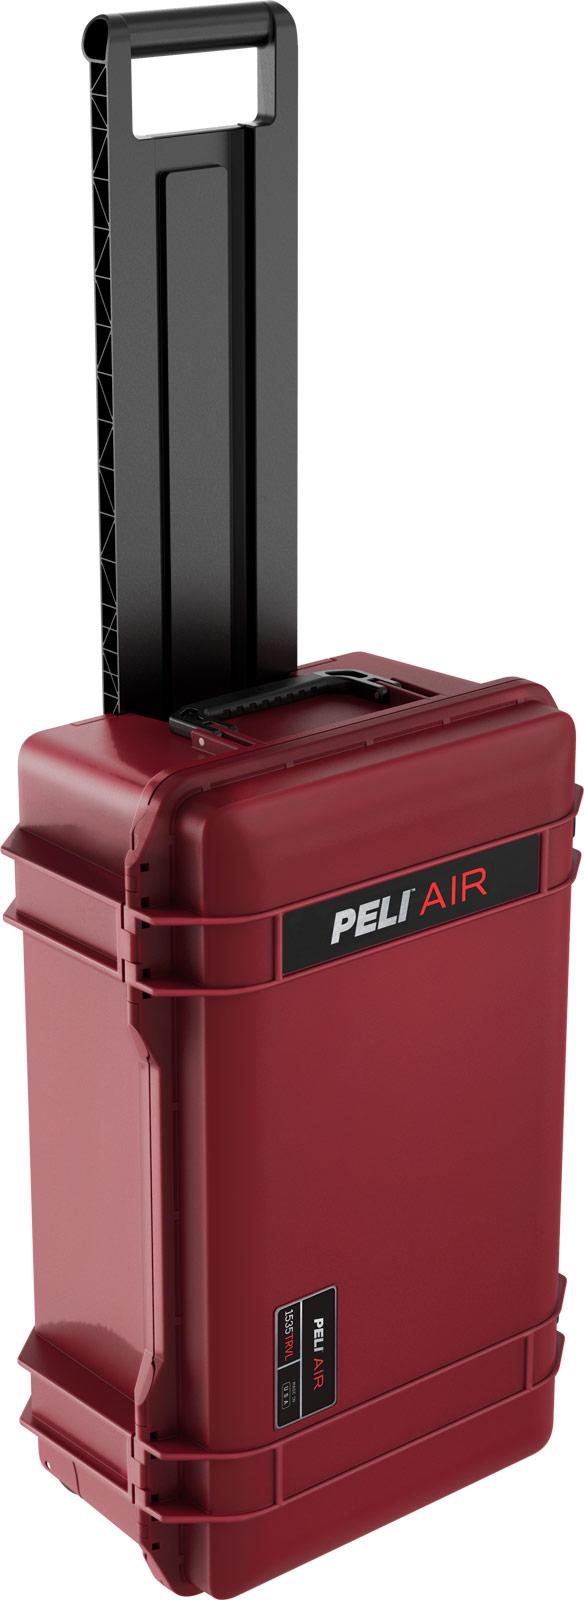 peli 1535 hard case suitcase